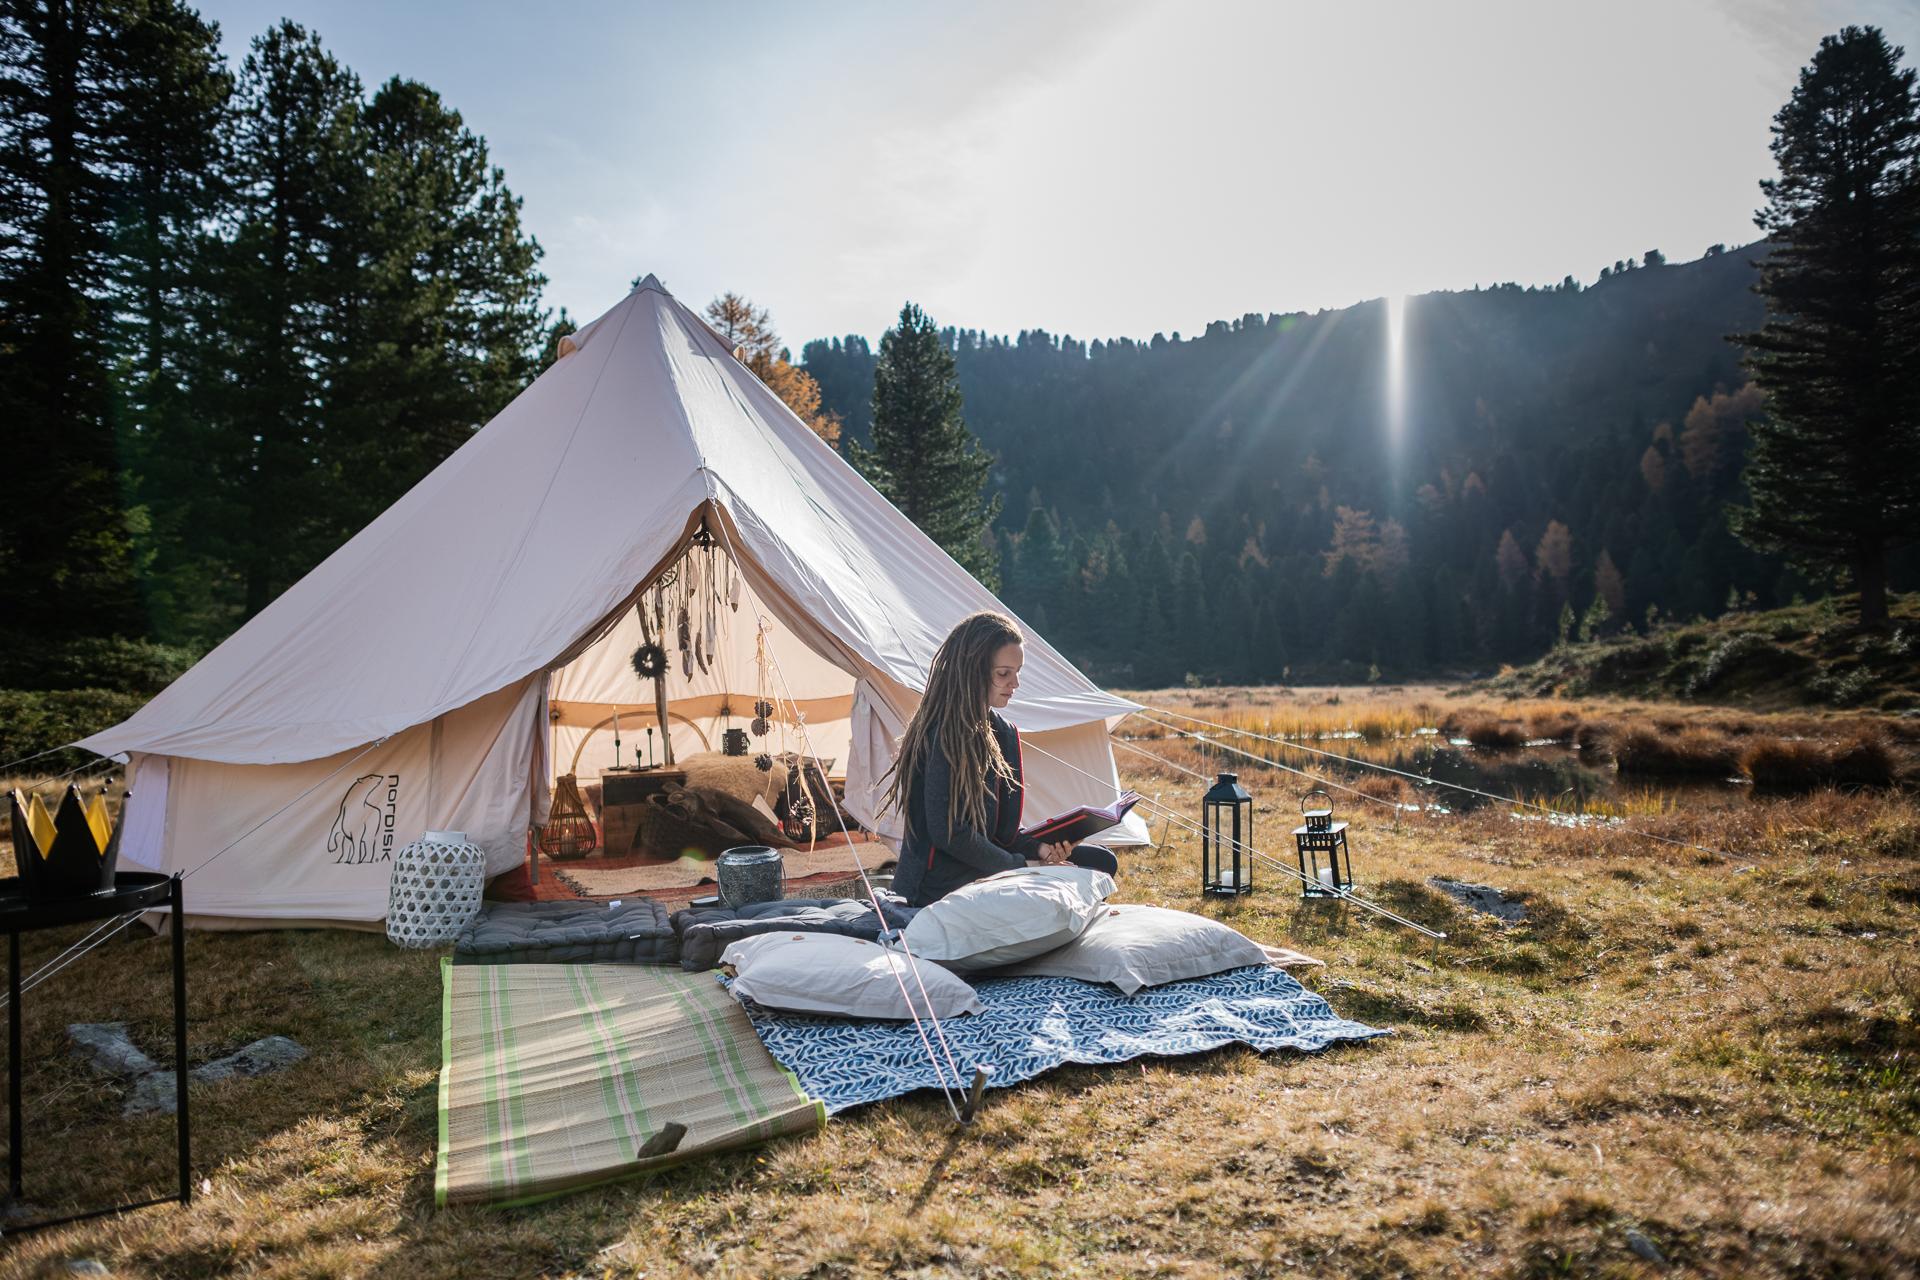 entspannung_pur_beim_glamping_in_den_bergen